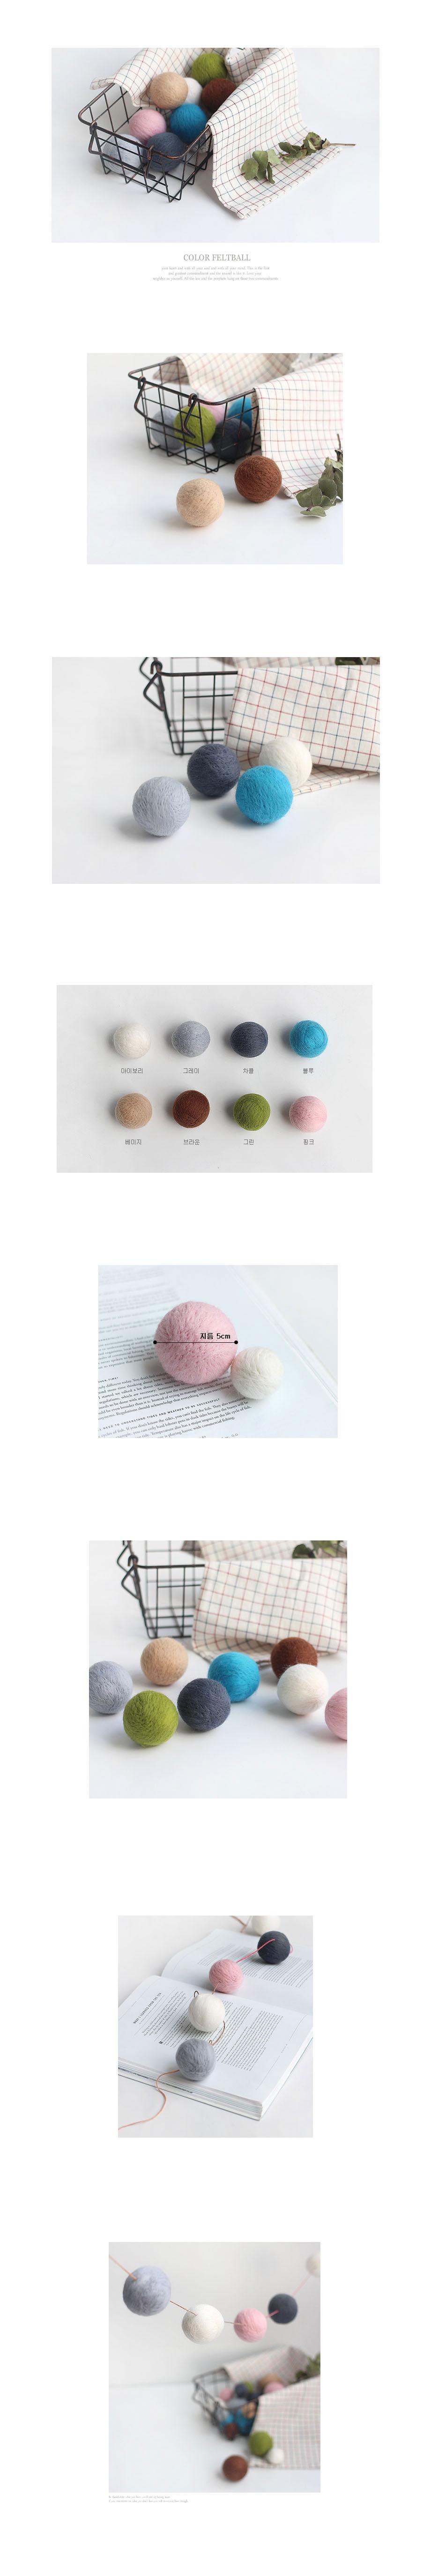 양모 컬러 펠트볼_대 (8color) - 안나하우스, 1,000원, 미니어처, 사물